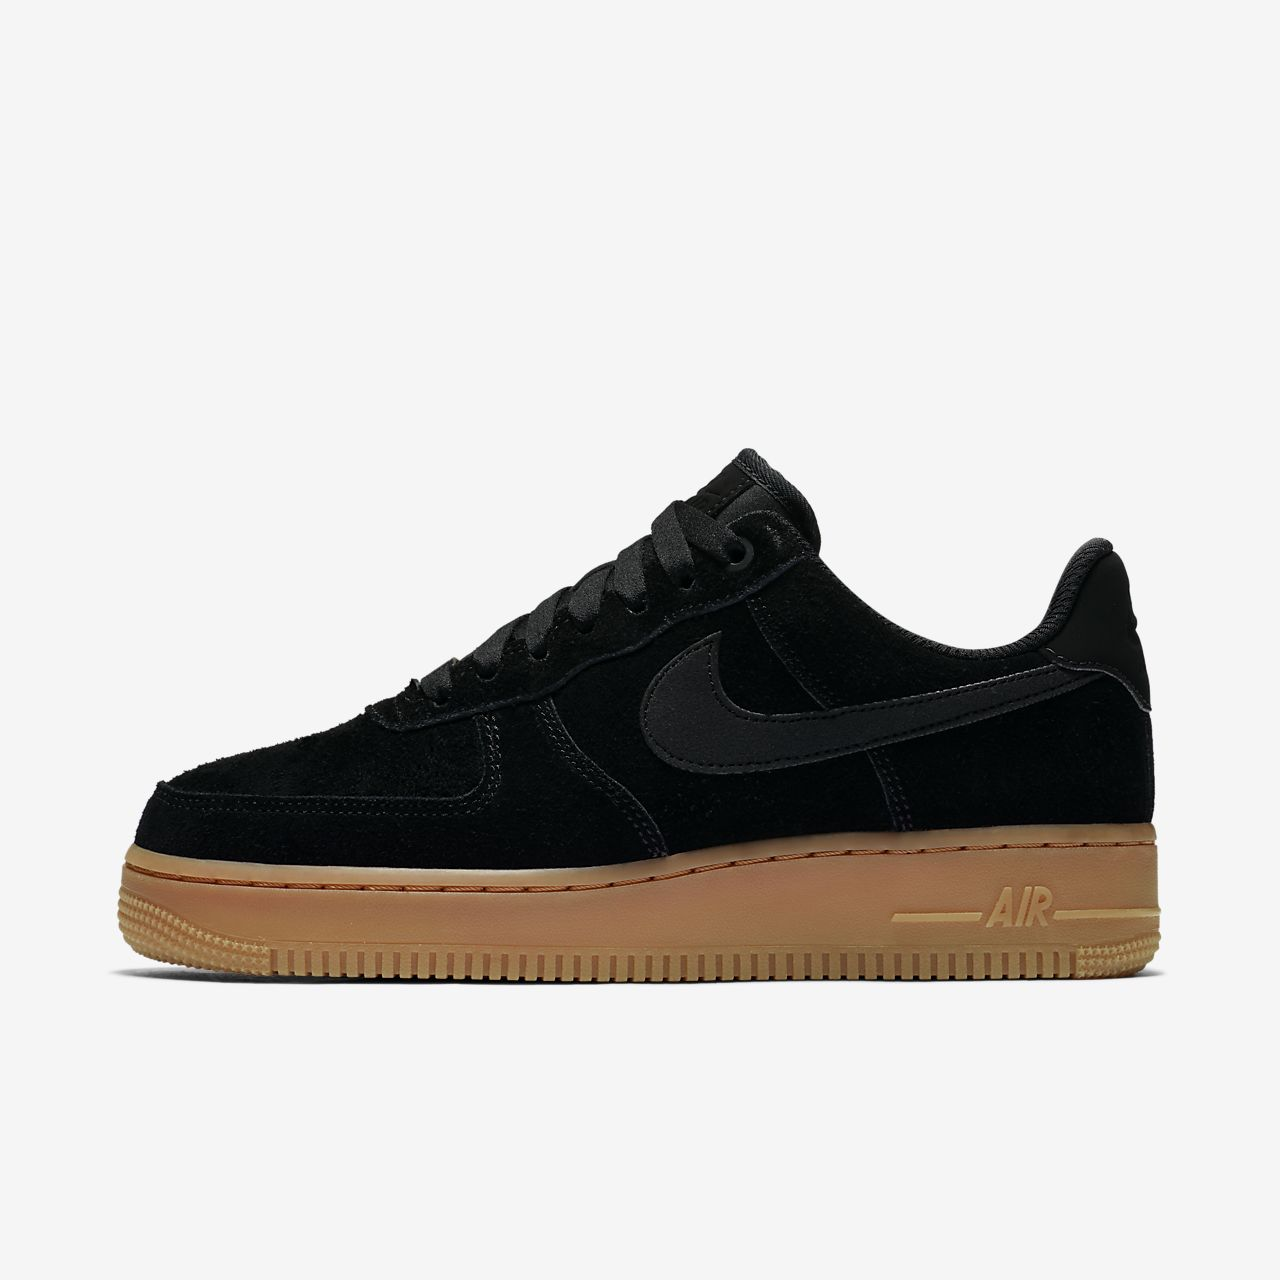 Buty damskie Nike Air Force 1 '07 SE Suede